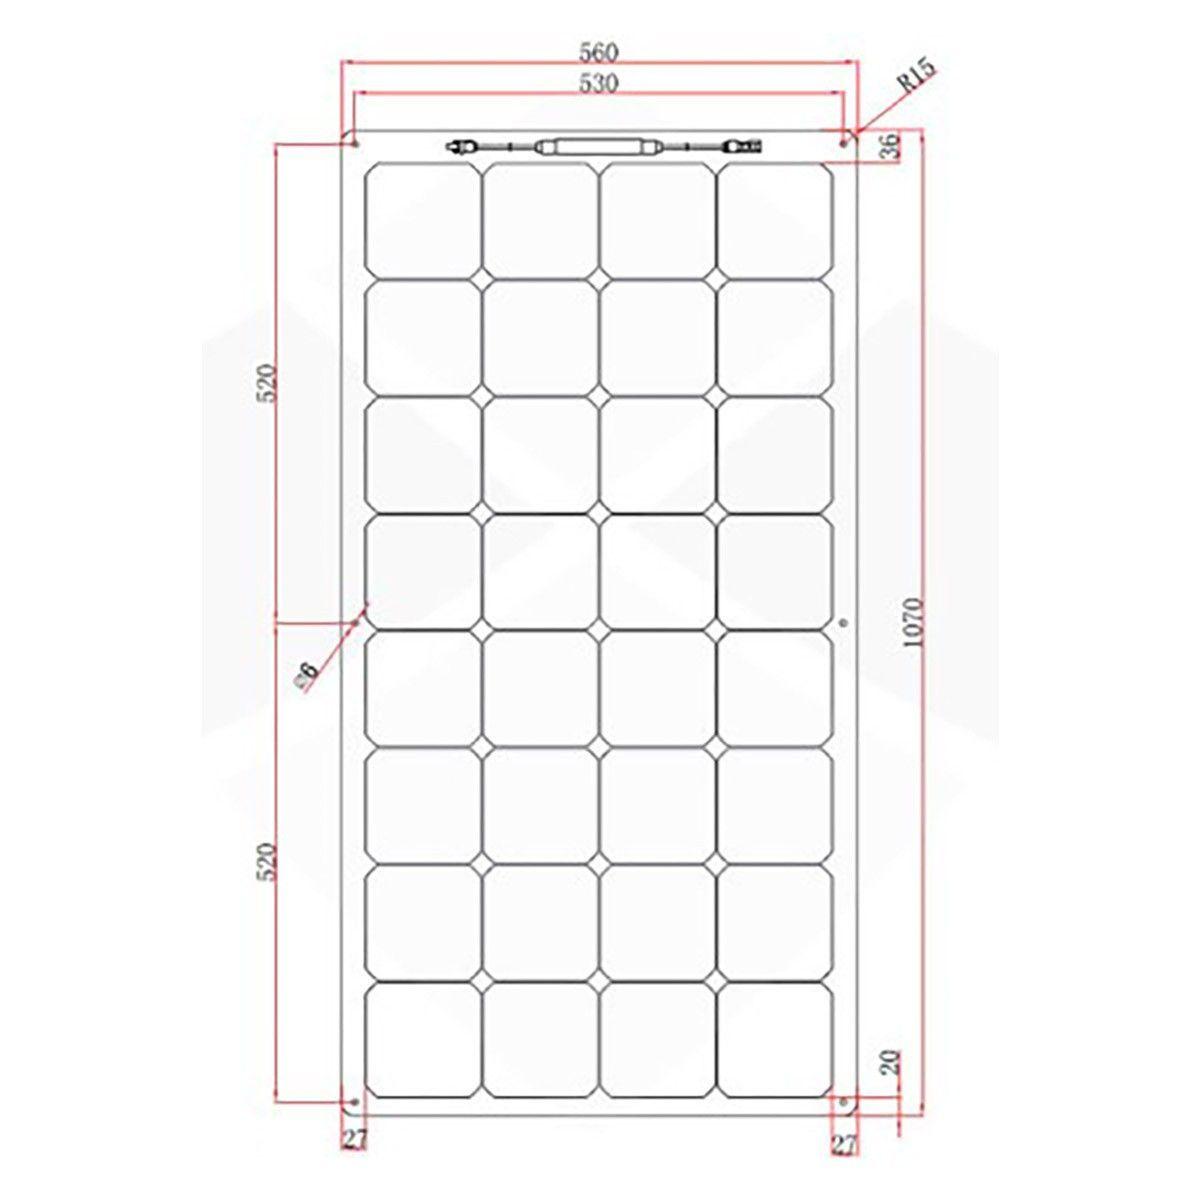 panneau solaire 110w souple semi flexible cellules sunpower etfe. Black Bedroom Furniture Sets. Home Design Ideas